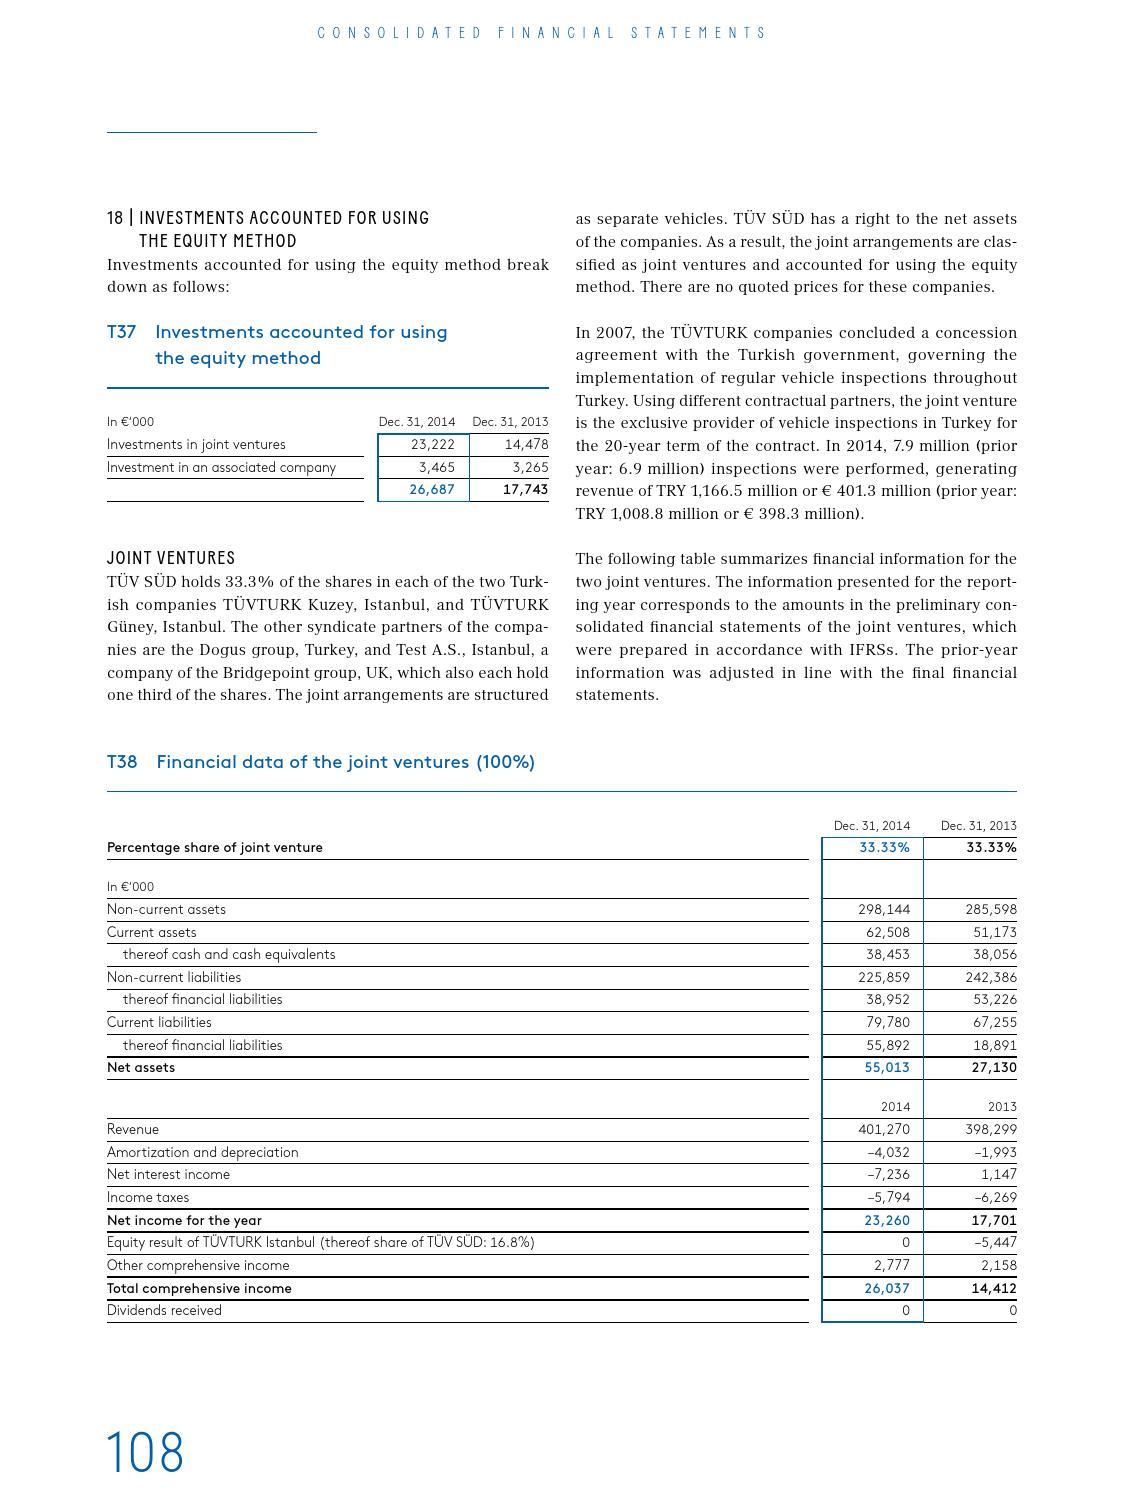 TÜV SÜD annual report 2014 by TÜV SÜD - issuu